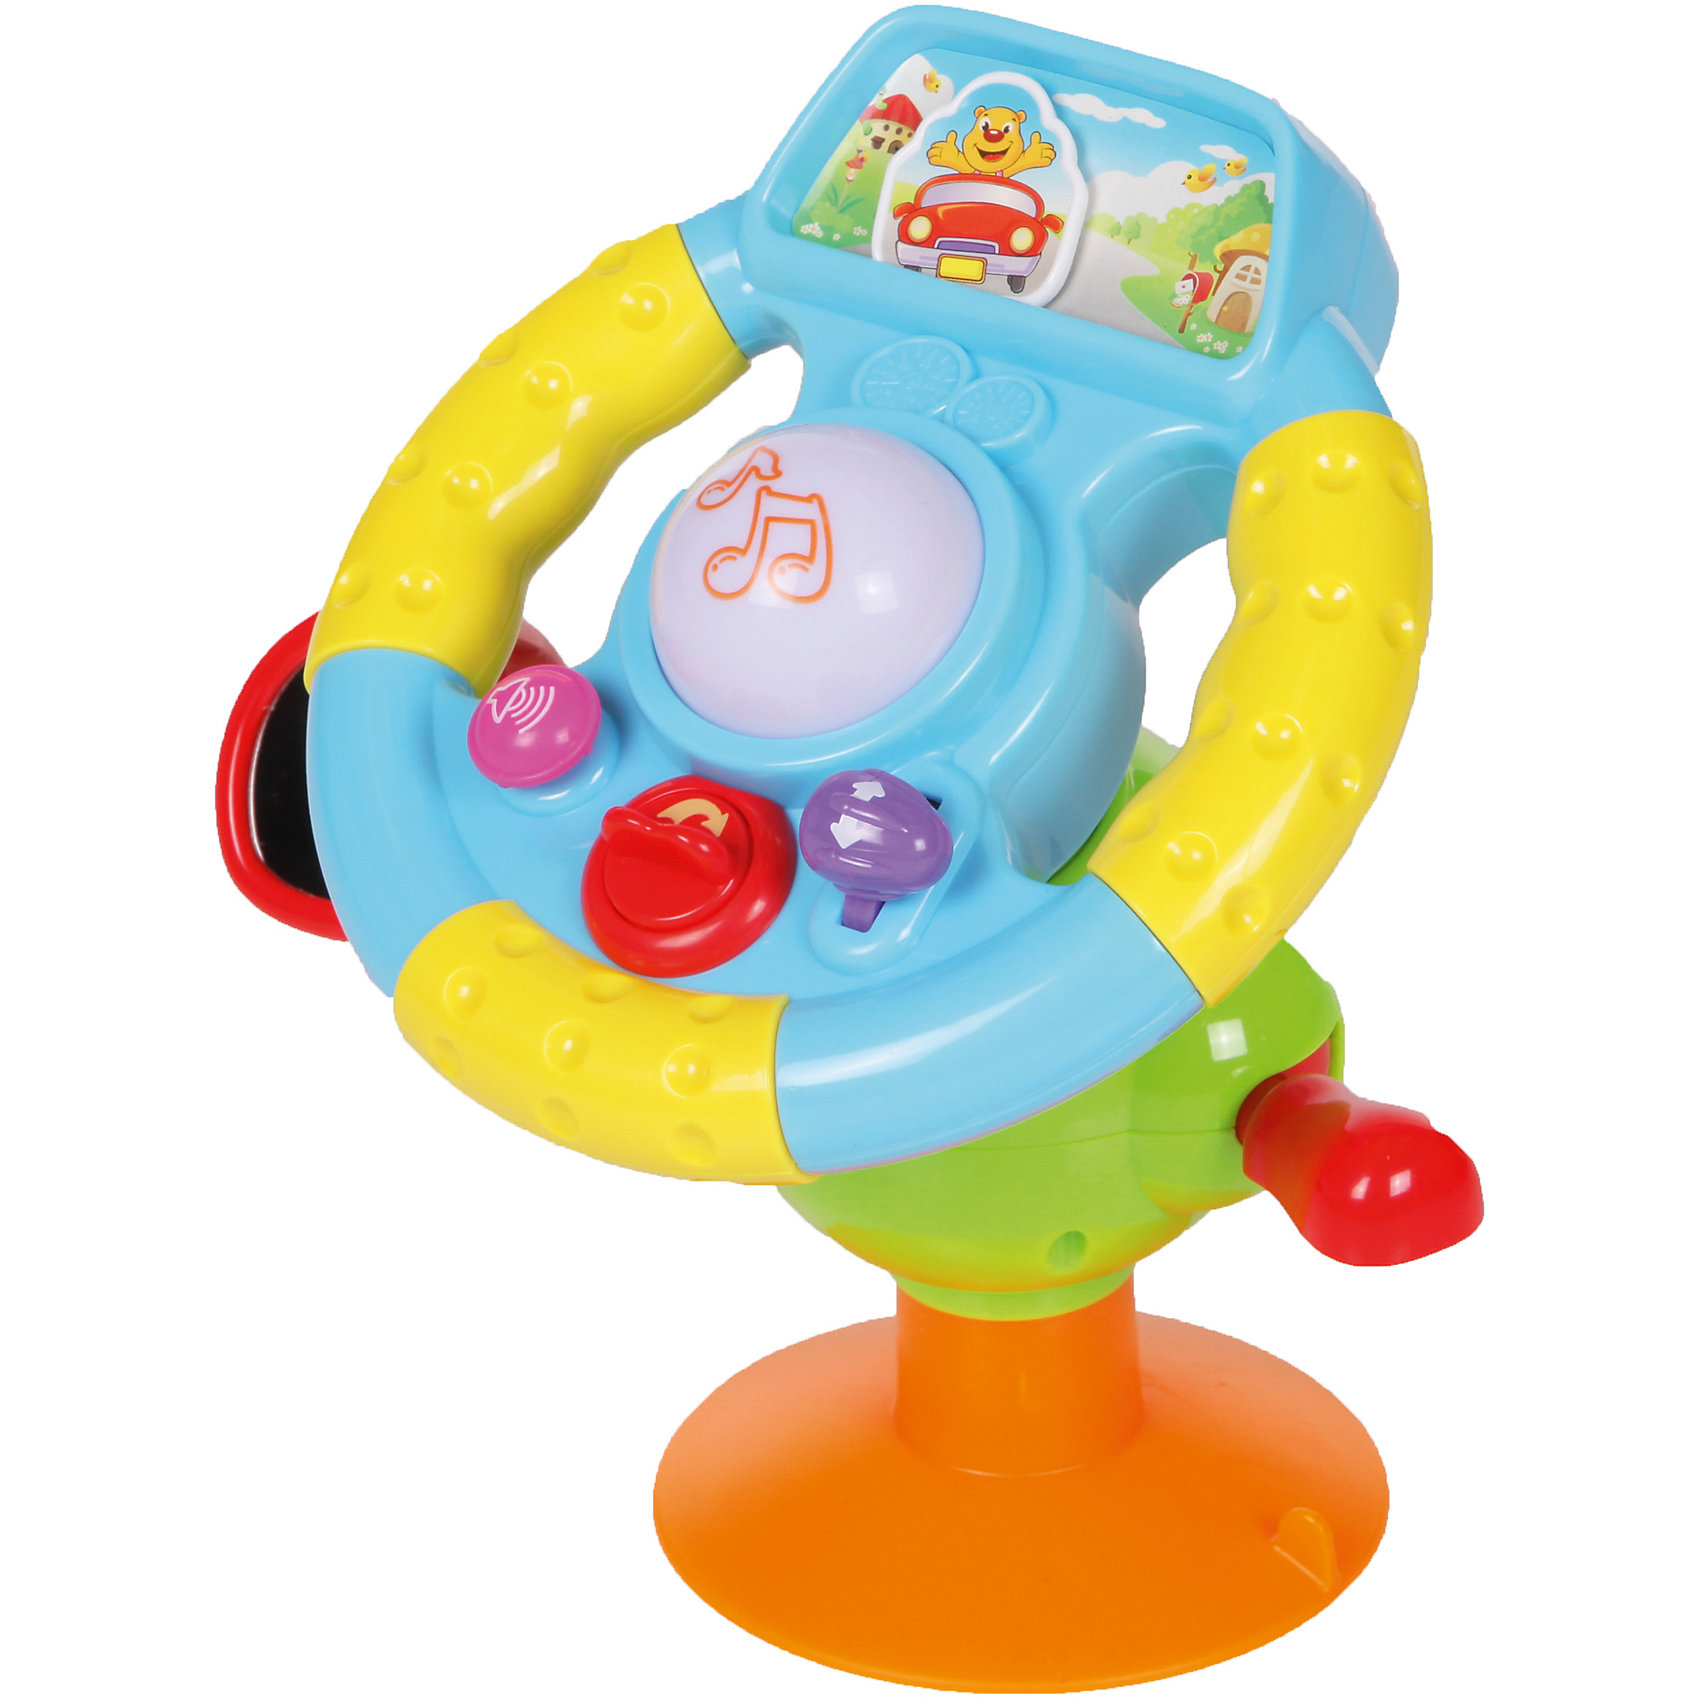 Интерактивная игрушка Huile Toys Руль музыкальный, большойИнтерактивные игрушки для малышей<br>Такой музыкальный руль непременно понравится вашим юным гонщикам.Крепится к столу основанием -присоской. Поворот рычага старт: звук стартера, двигателя. <br>Рычаг справа: вверх-звук двигателя, набирающего обороты; вниз - писк. Кнопка слева с изображением громкоговорителя - сигналы (3 варианта). <br>Большая кнопка на руле: музыка (3 варианта). При повороте руля машинка смещается вправо и влево по дороге (изображение сверху). Рычаг под рулем справа поворотник - щелчки. Зеркало слева на шаровой опоре, что позволяет его регулировать, устанавливая в любое положение. Рулевое колесо - также на шаровой опоре.Питание: 2*АА (не в комплекте).<br><br>Ширина мм: 220<br>Глубина мм: 220<br>Высота мм: 60<br>Вес г: 800<br>Возраст от месяцев: 6<br>Возраст до месяцев: 18<br>Пол: Унисекс<br>Возраст: Детский<br>SKU: 7172292